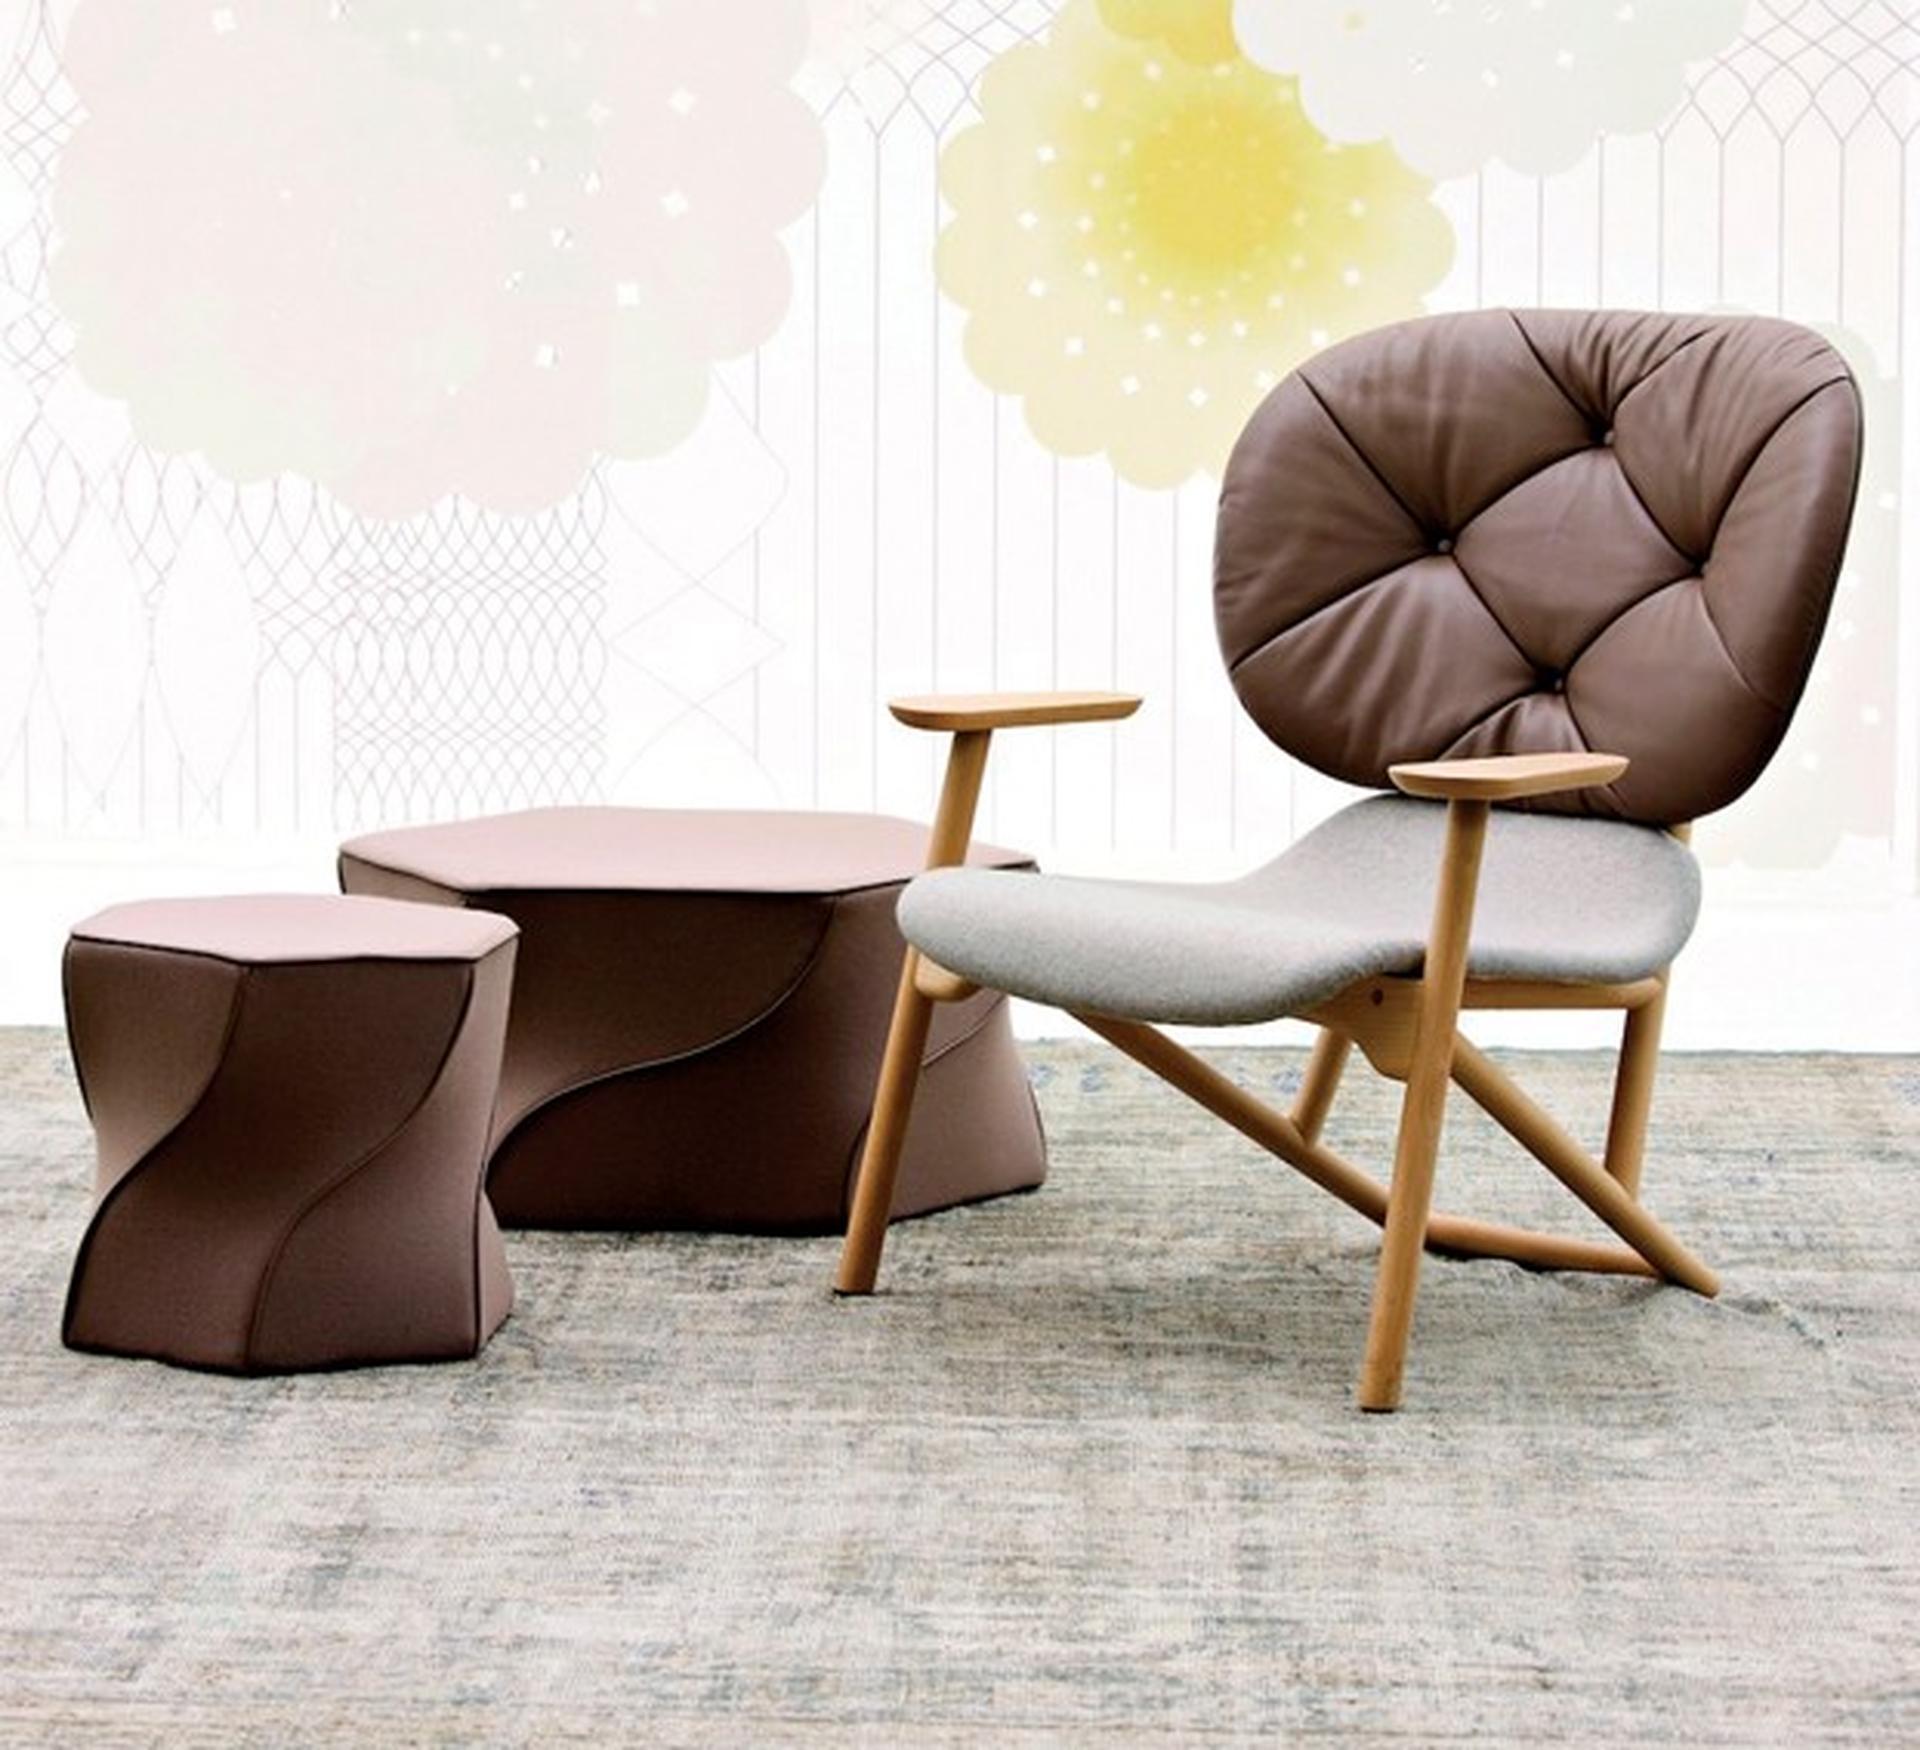 אסתטיקה לינארית המאפיינת את עיצוביה של אורקיולה באה לידי ביטוי בכיסא שעיצבה לחברת MOROSO